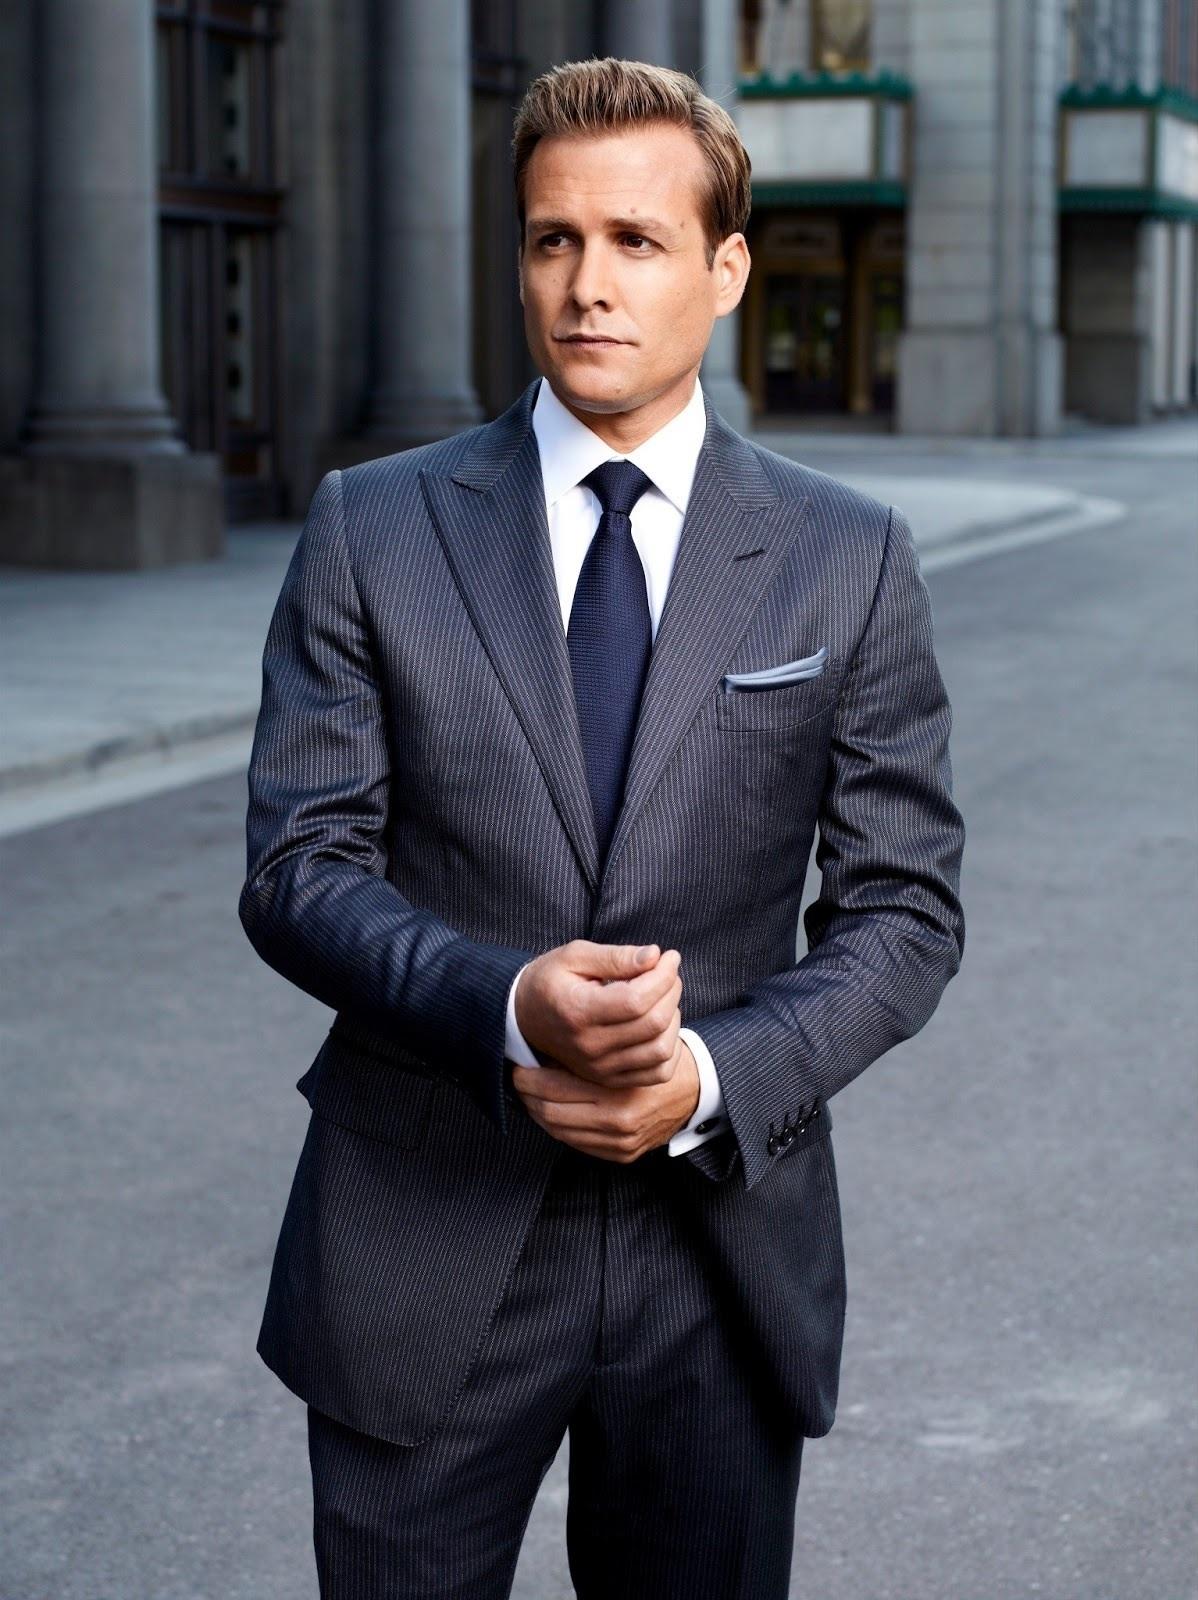 Harvey, Suits